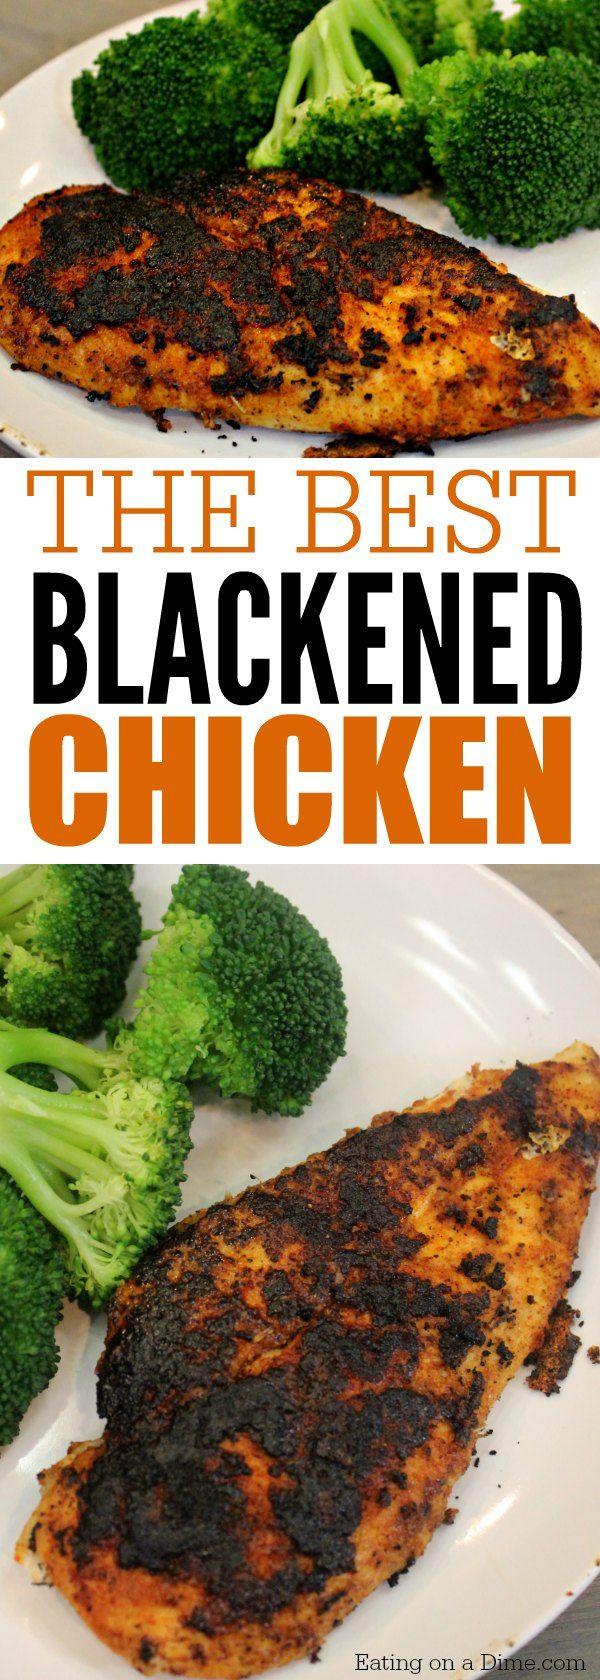 The Best Blackened Chicken